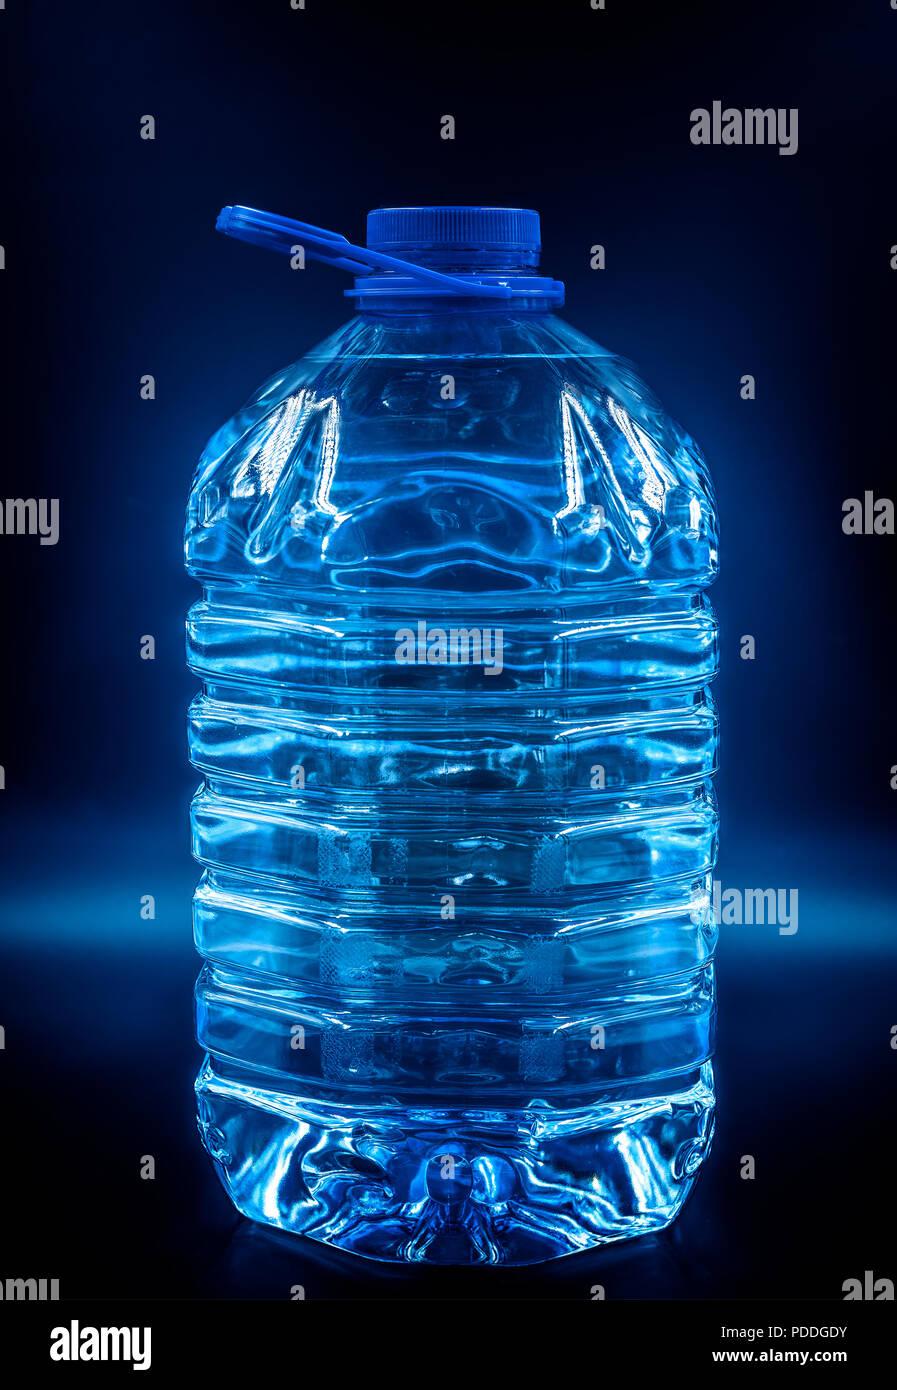 bottled water in dark - Stock Image